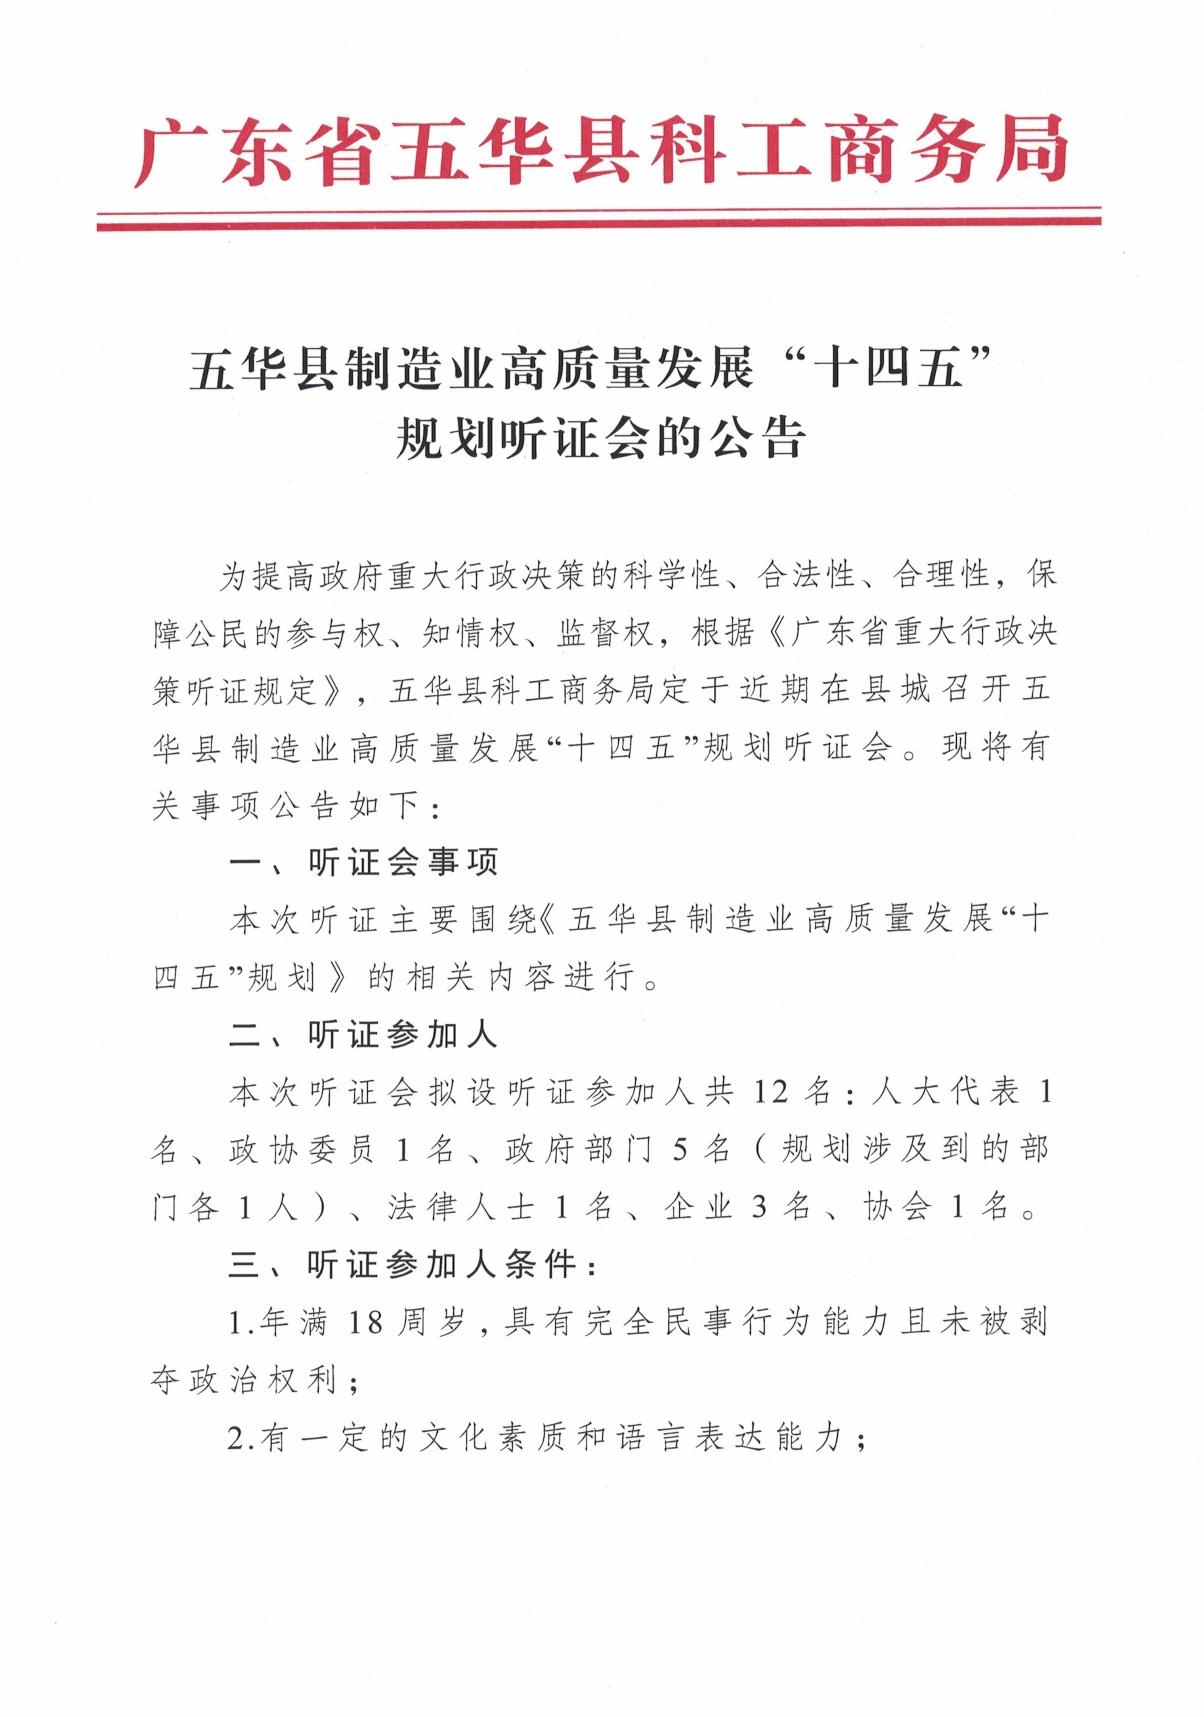 """五华县制造业高质量发展""""十四五""""规划听证会的公告0000.jpg"""